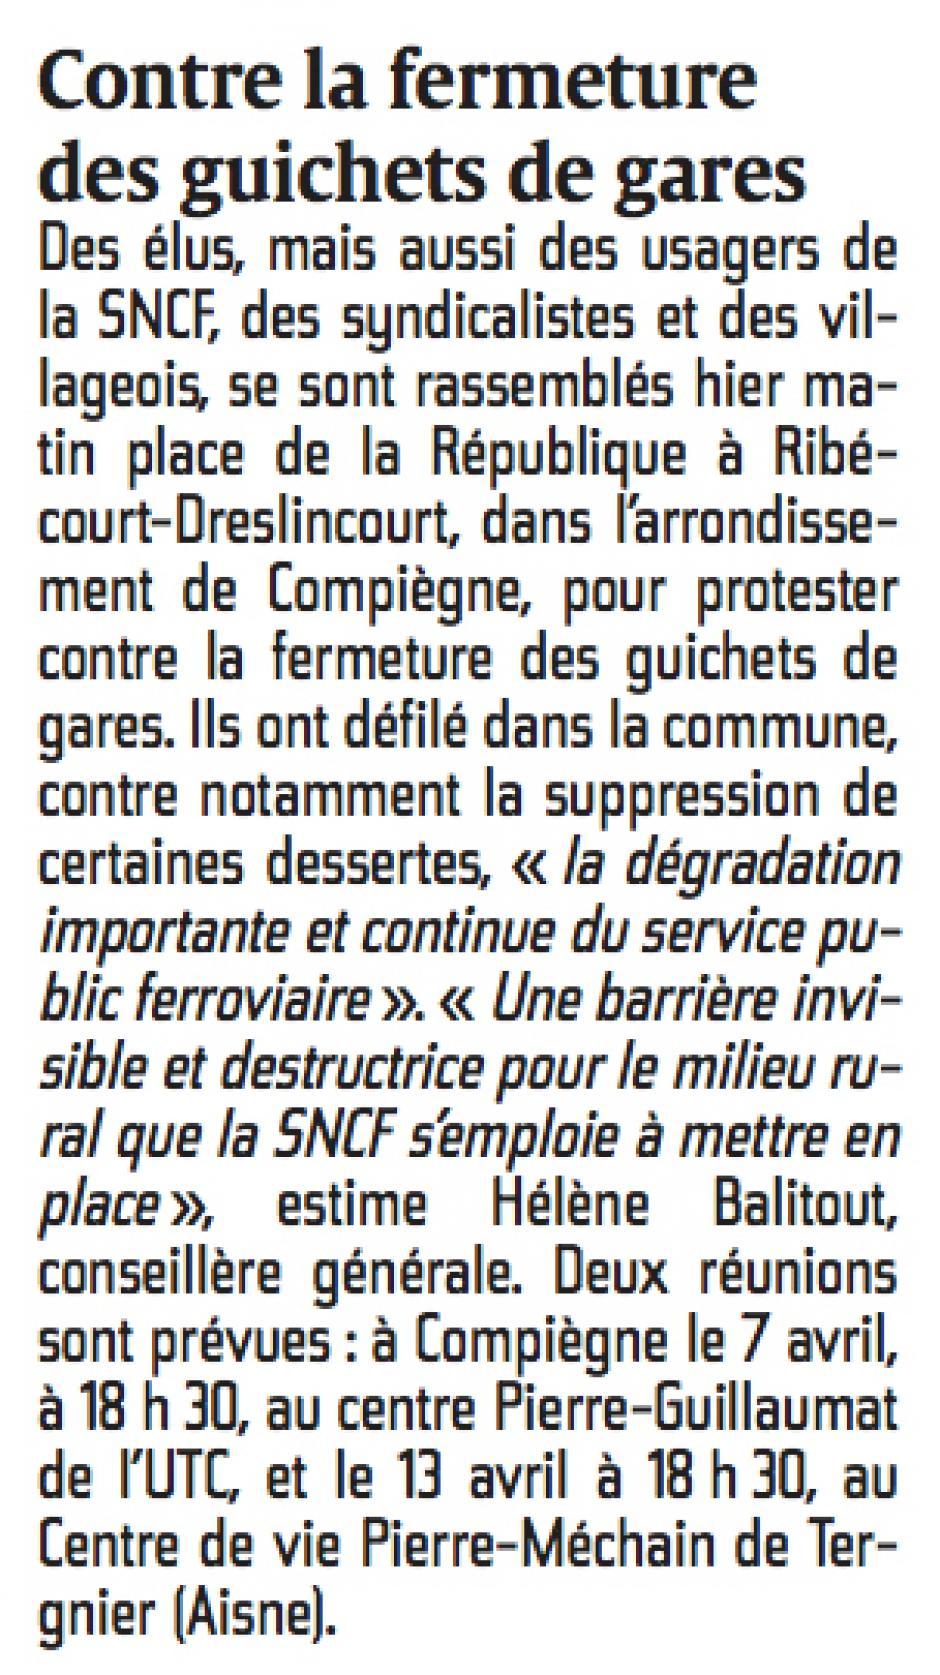 20150308-CP-Ribécourt-Dreslincourt-Contre la fermeture des guichets de gare [page régionale]